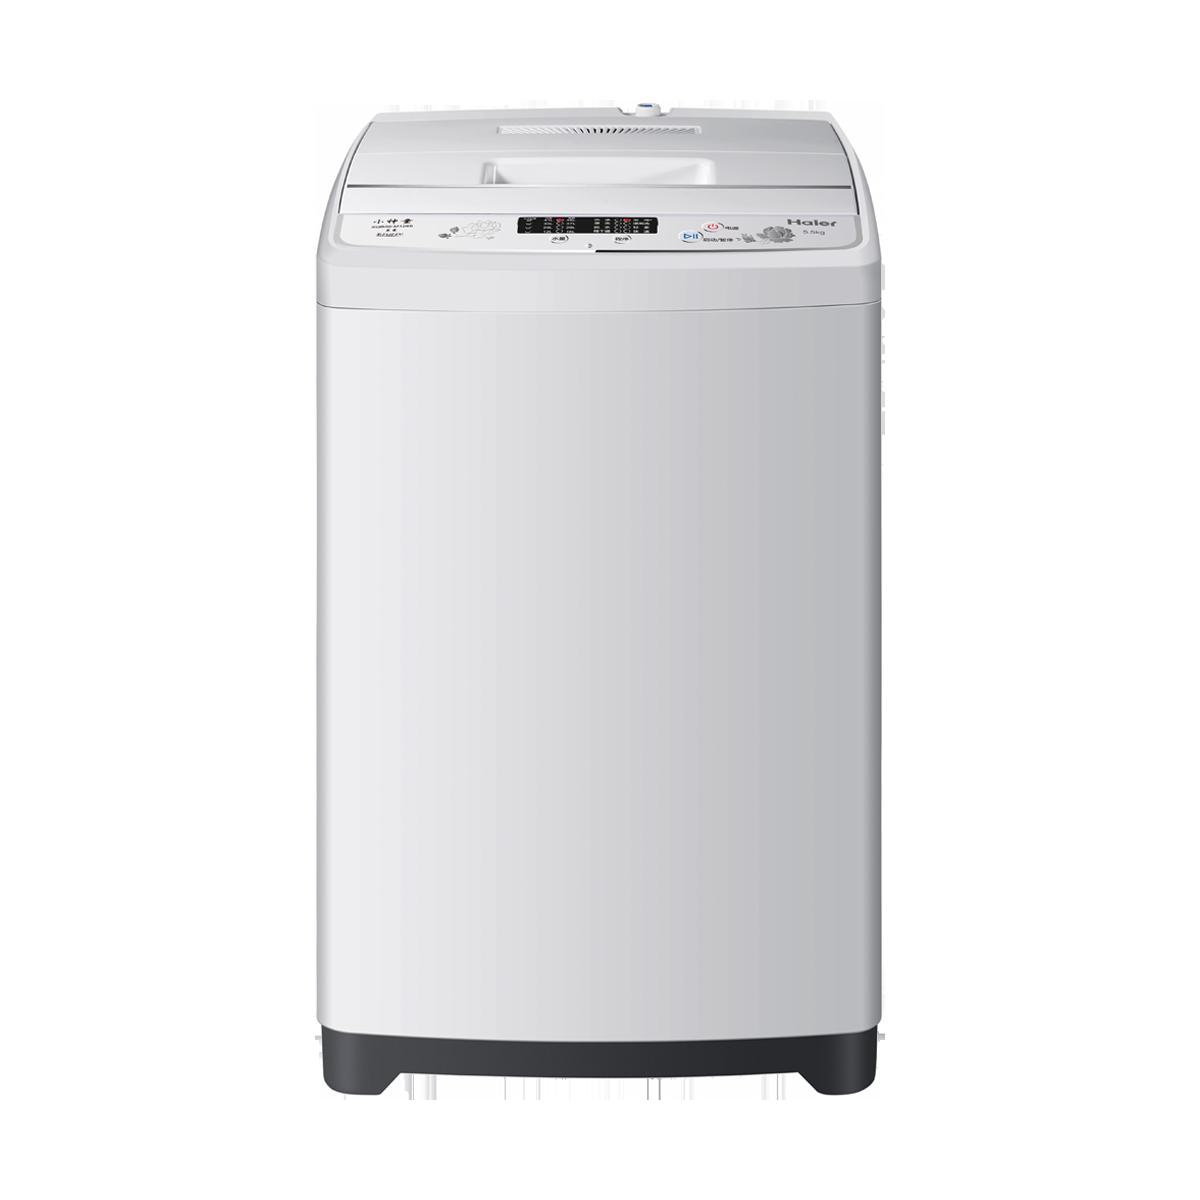 海尔Haier洗衣机 XQB55-M1268 说明书